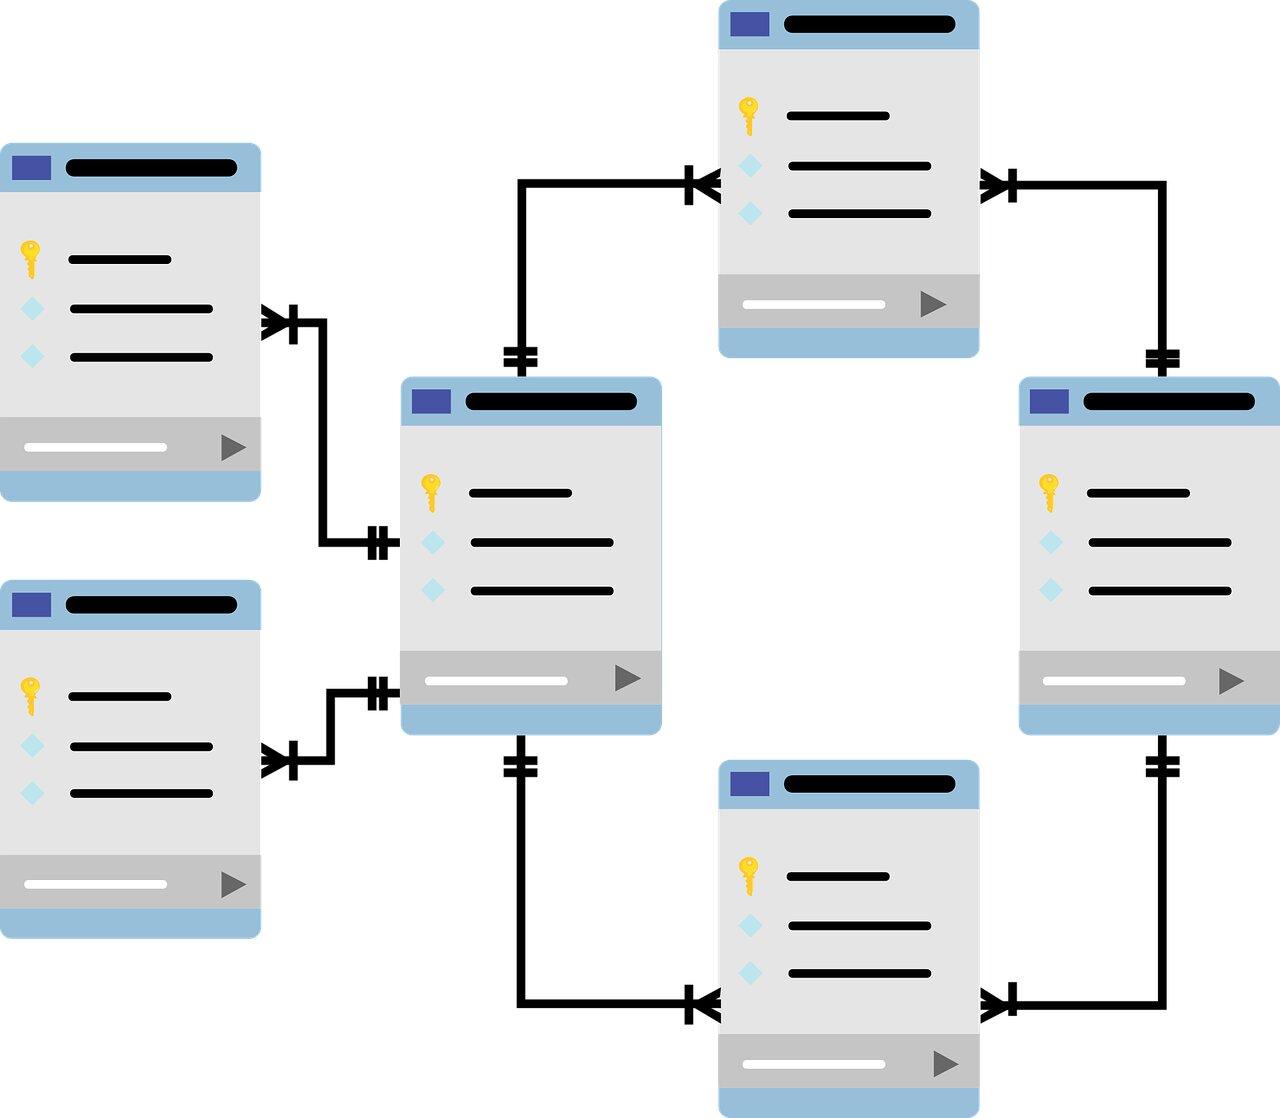 esquema-bases-de-datos